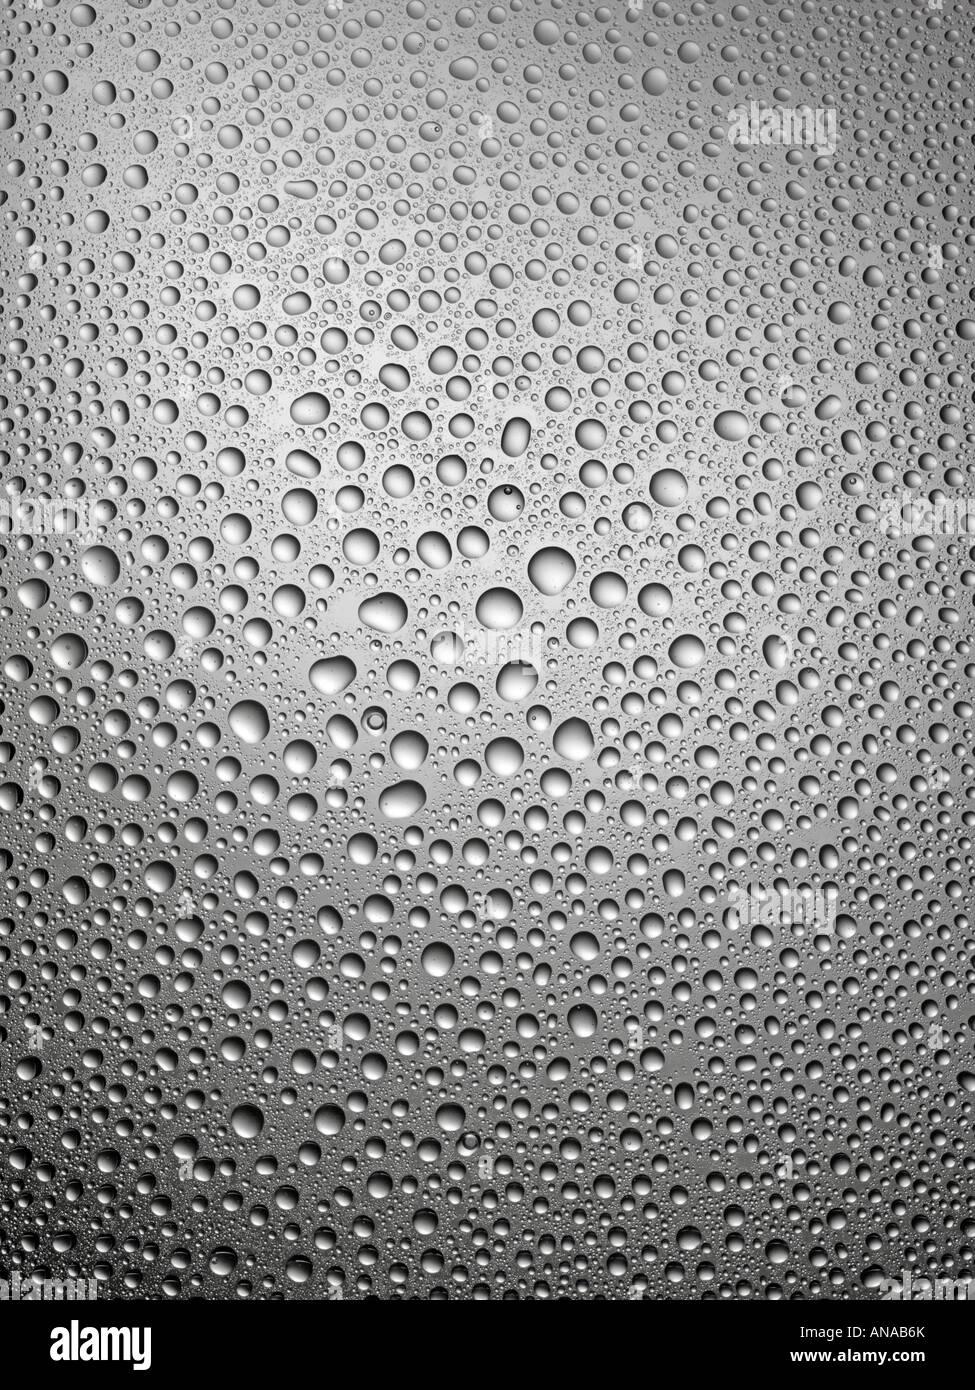 La condensation sur le verre gris Photo Stock